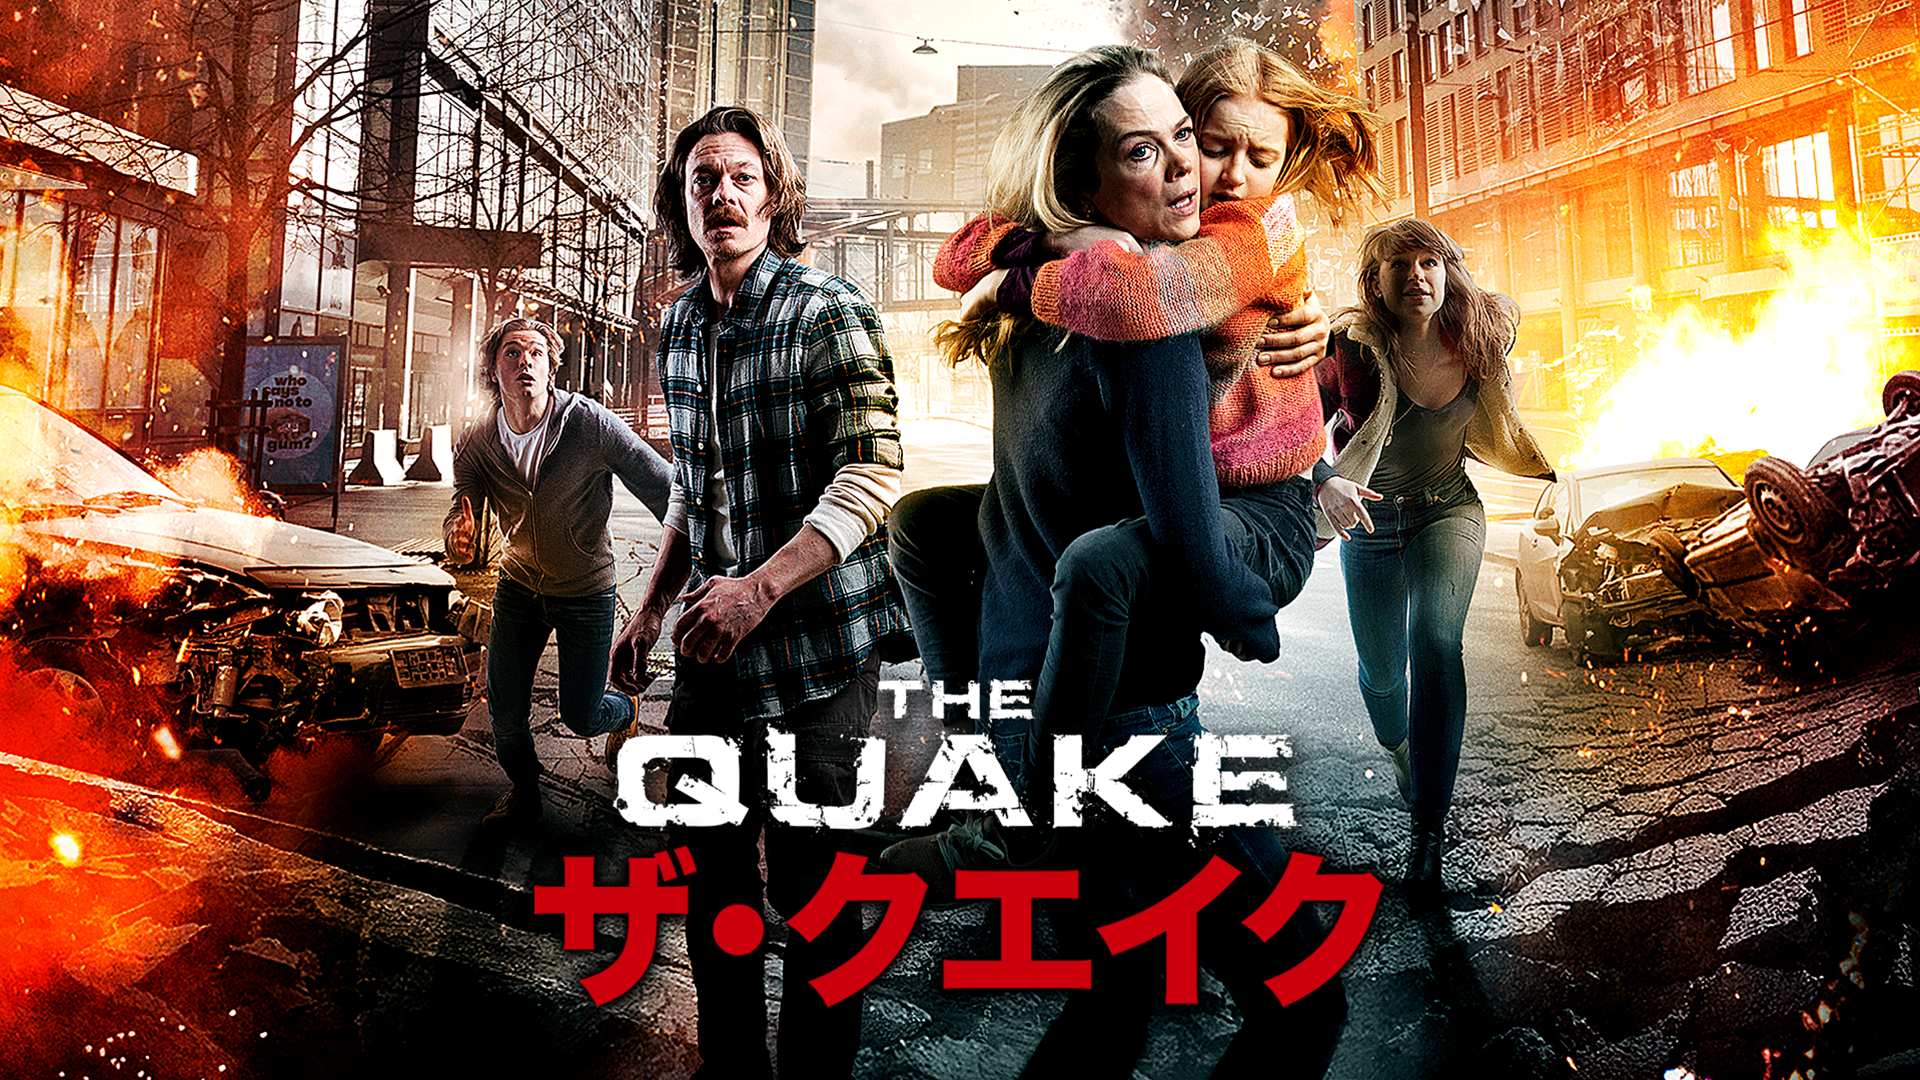 THE QUAKE/ザ・クエイク無料公式動画